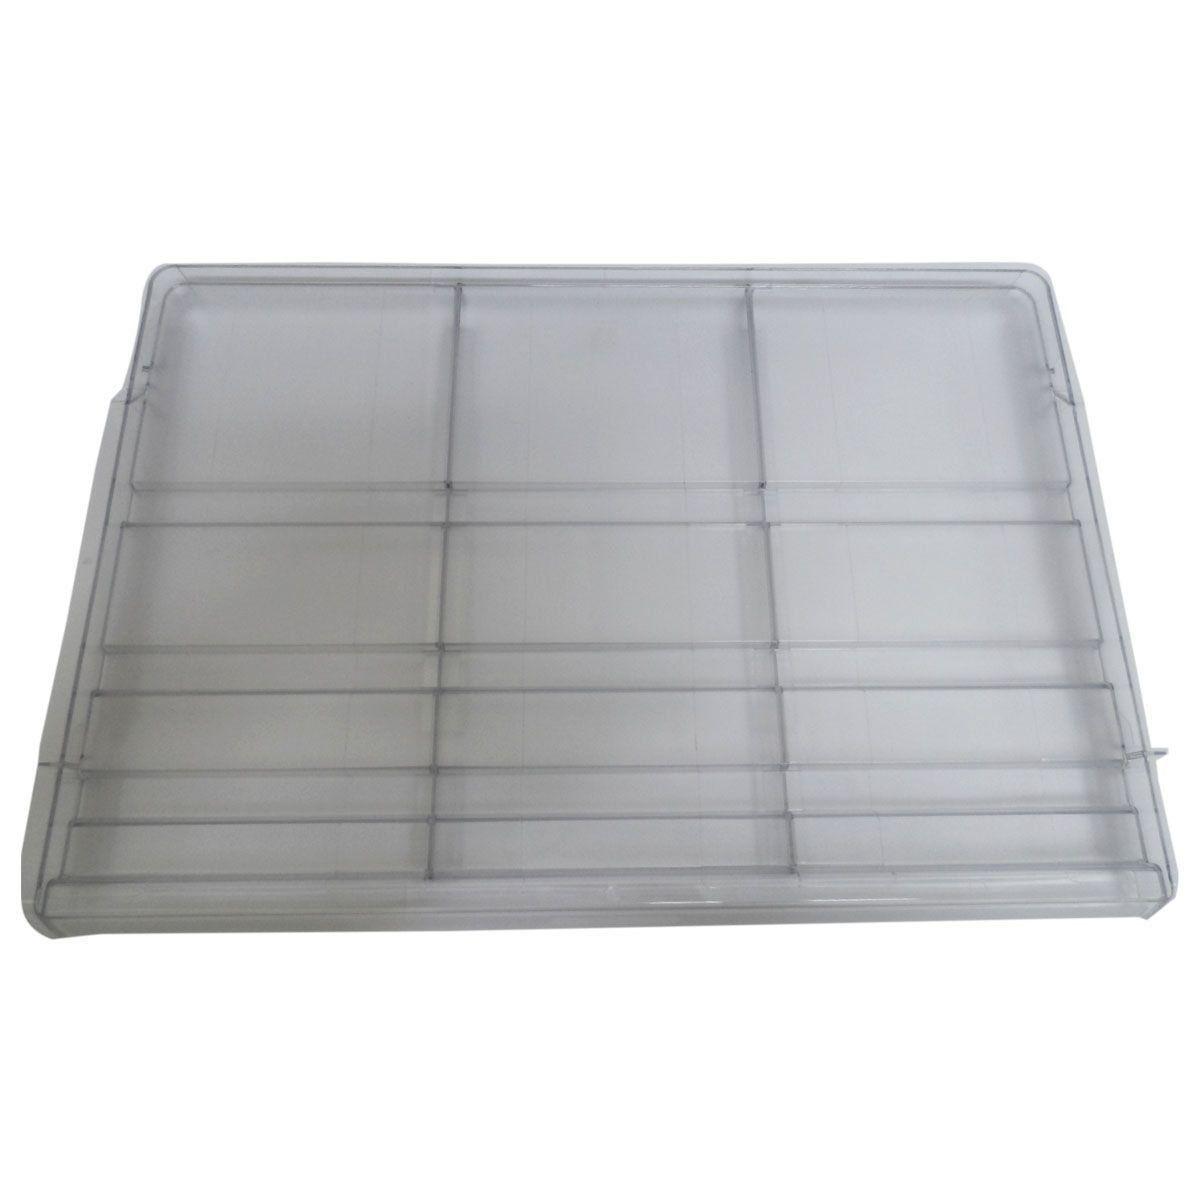 Prateleira Multiuso Refrigerador Brastemp W10347201